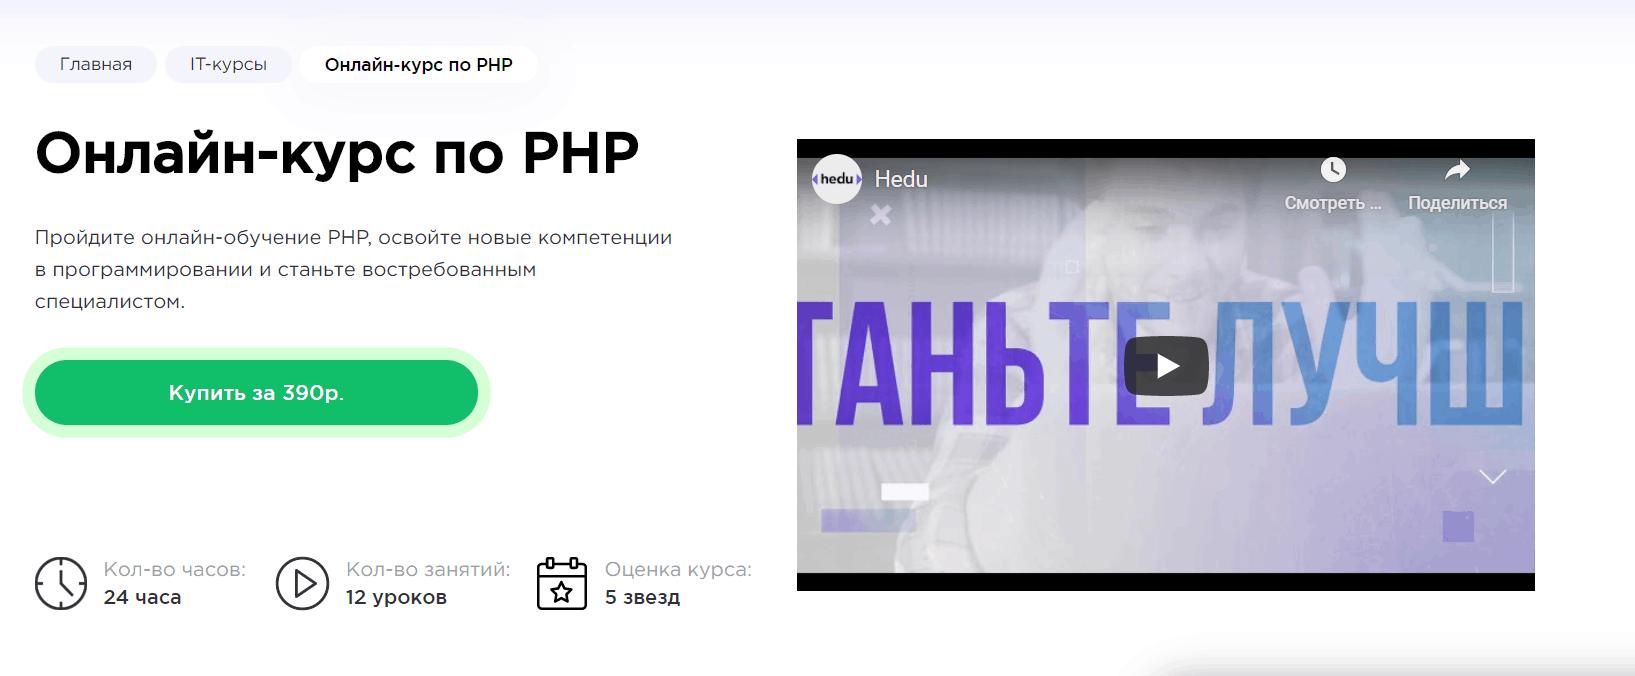 Онлайн-курс по PHP